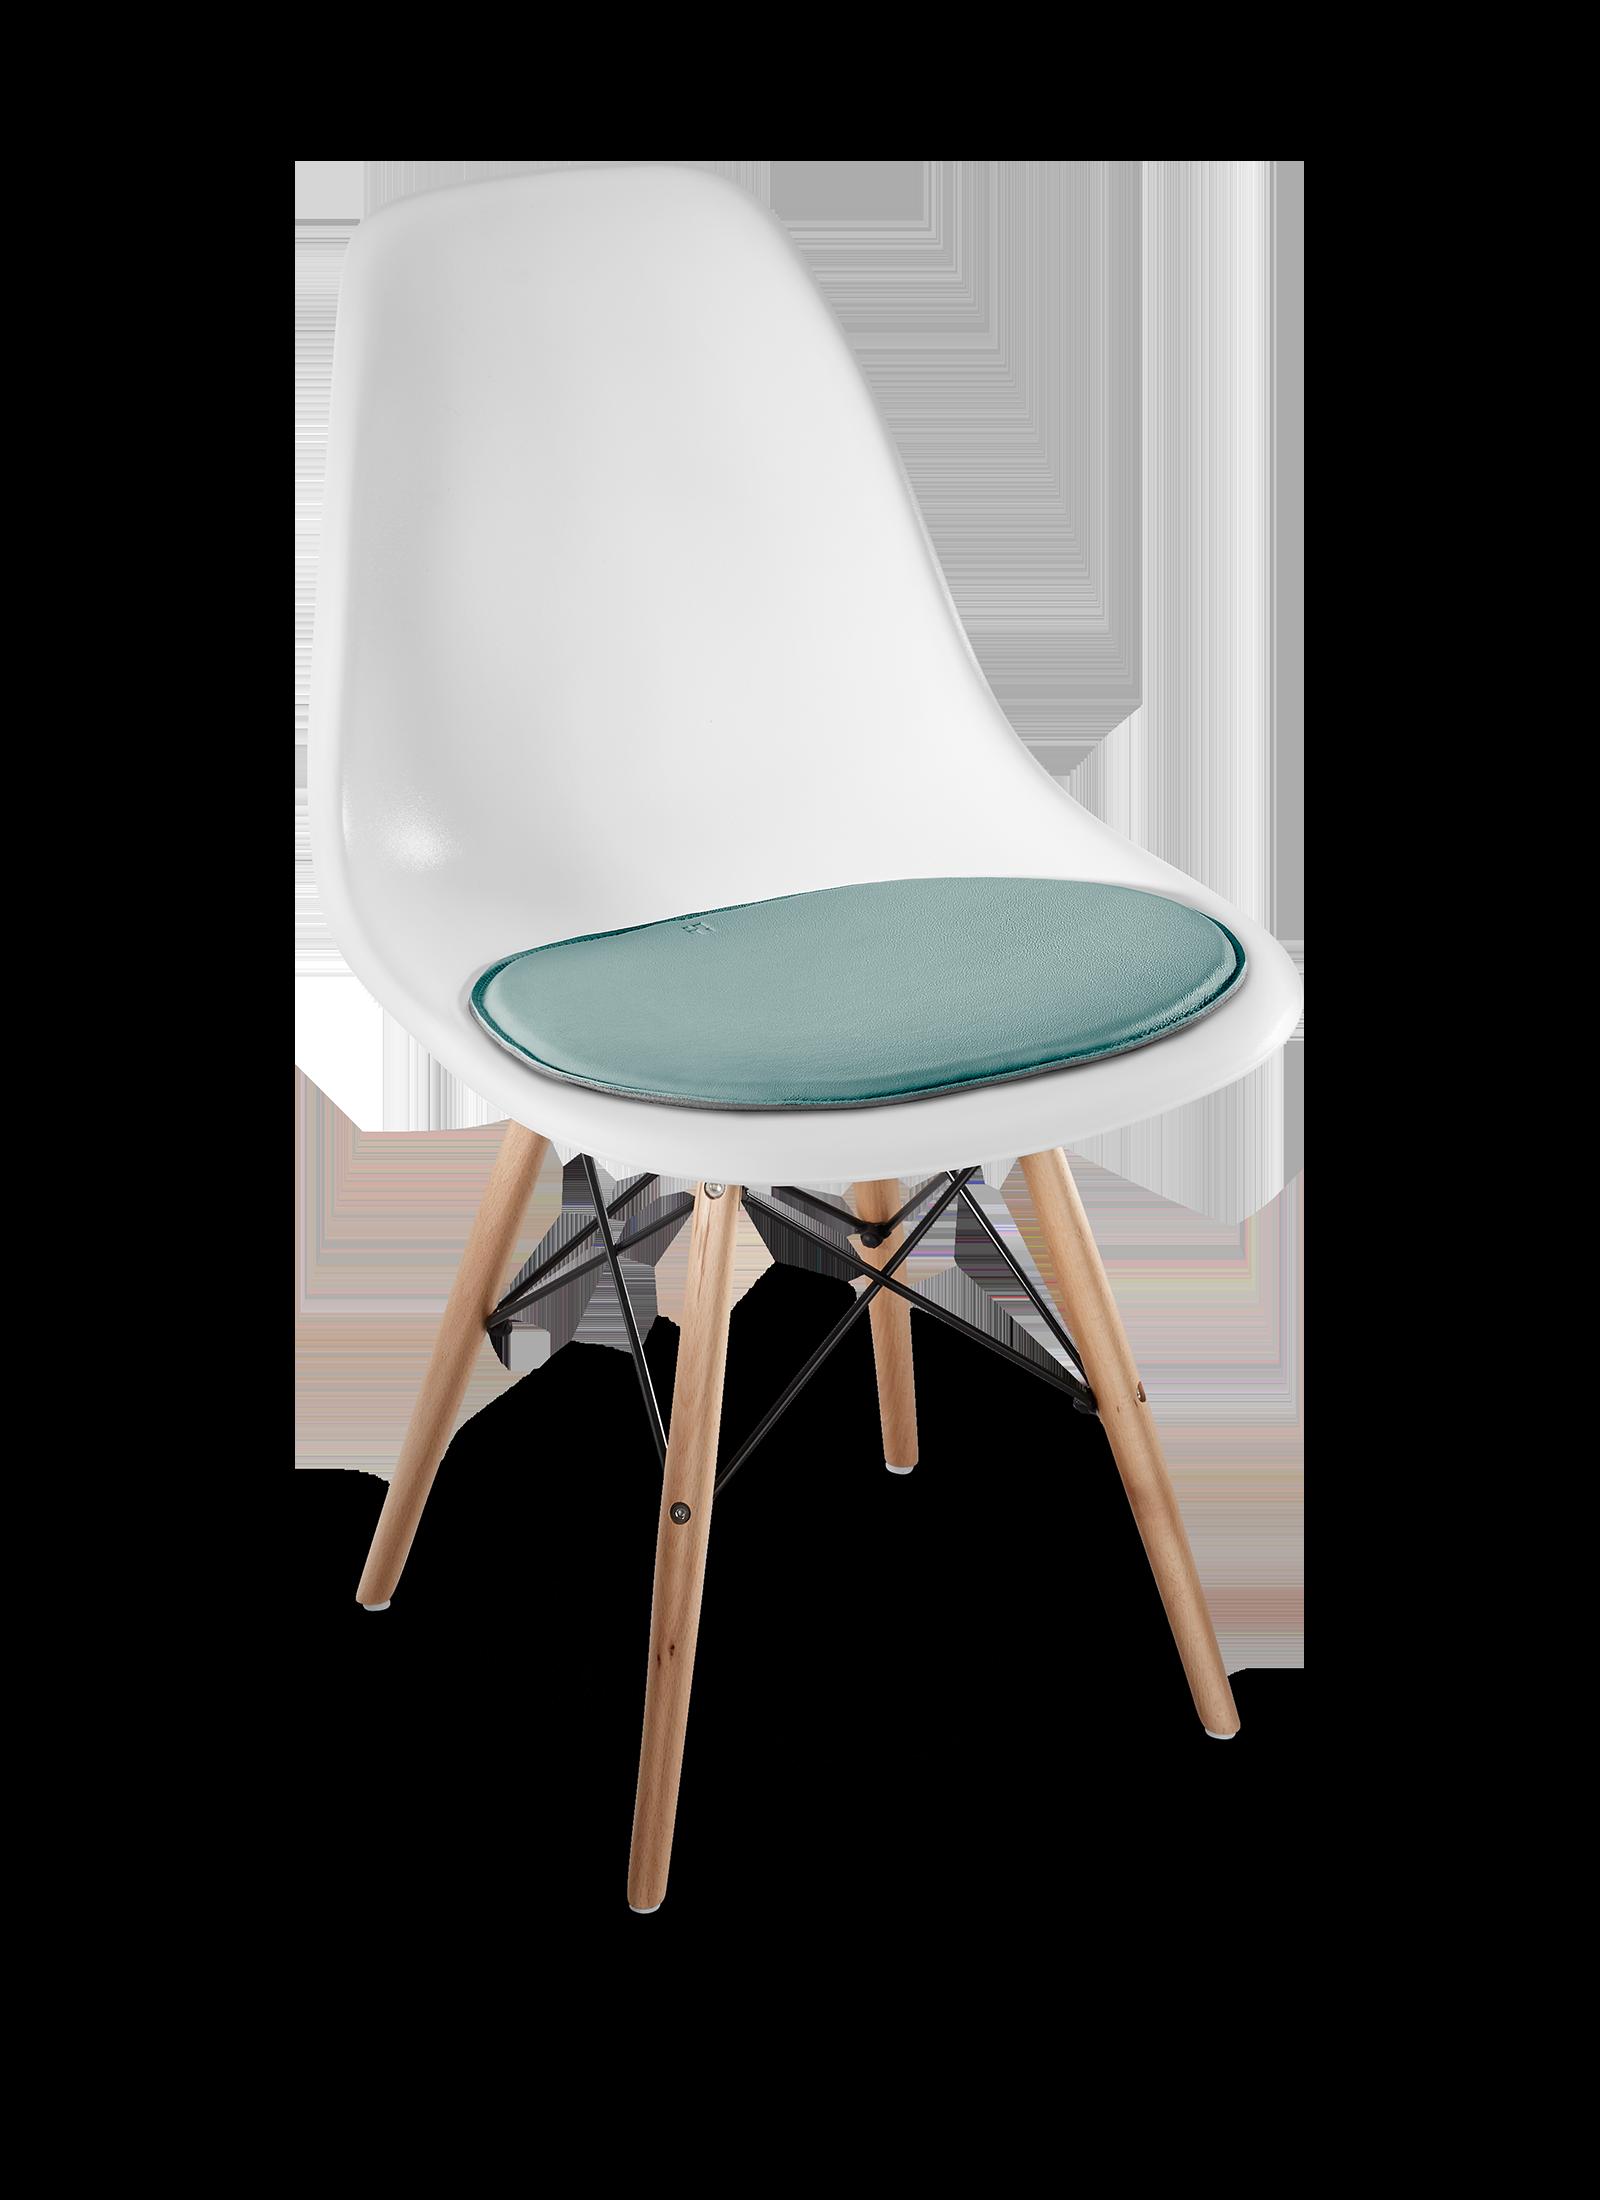 Sitzkissen Für Eames Stuhl | HILLMANN LIVING